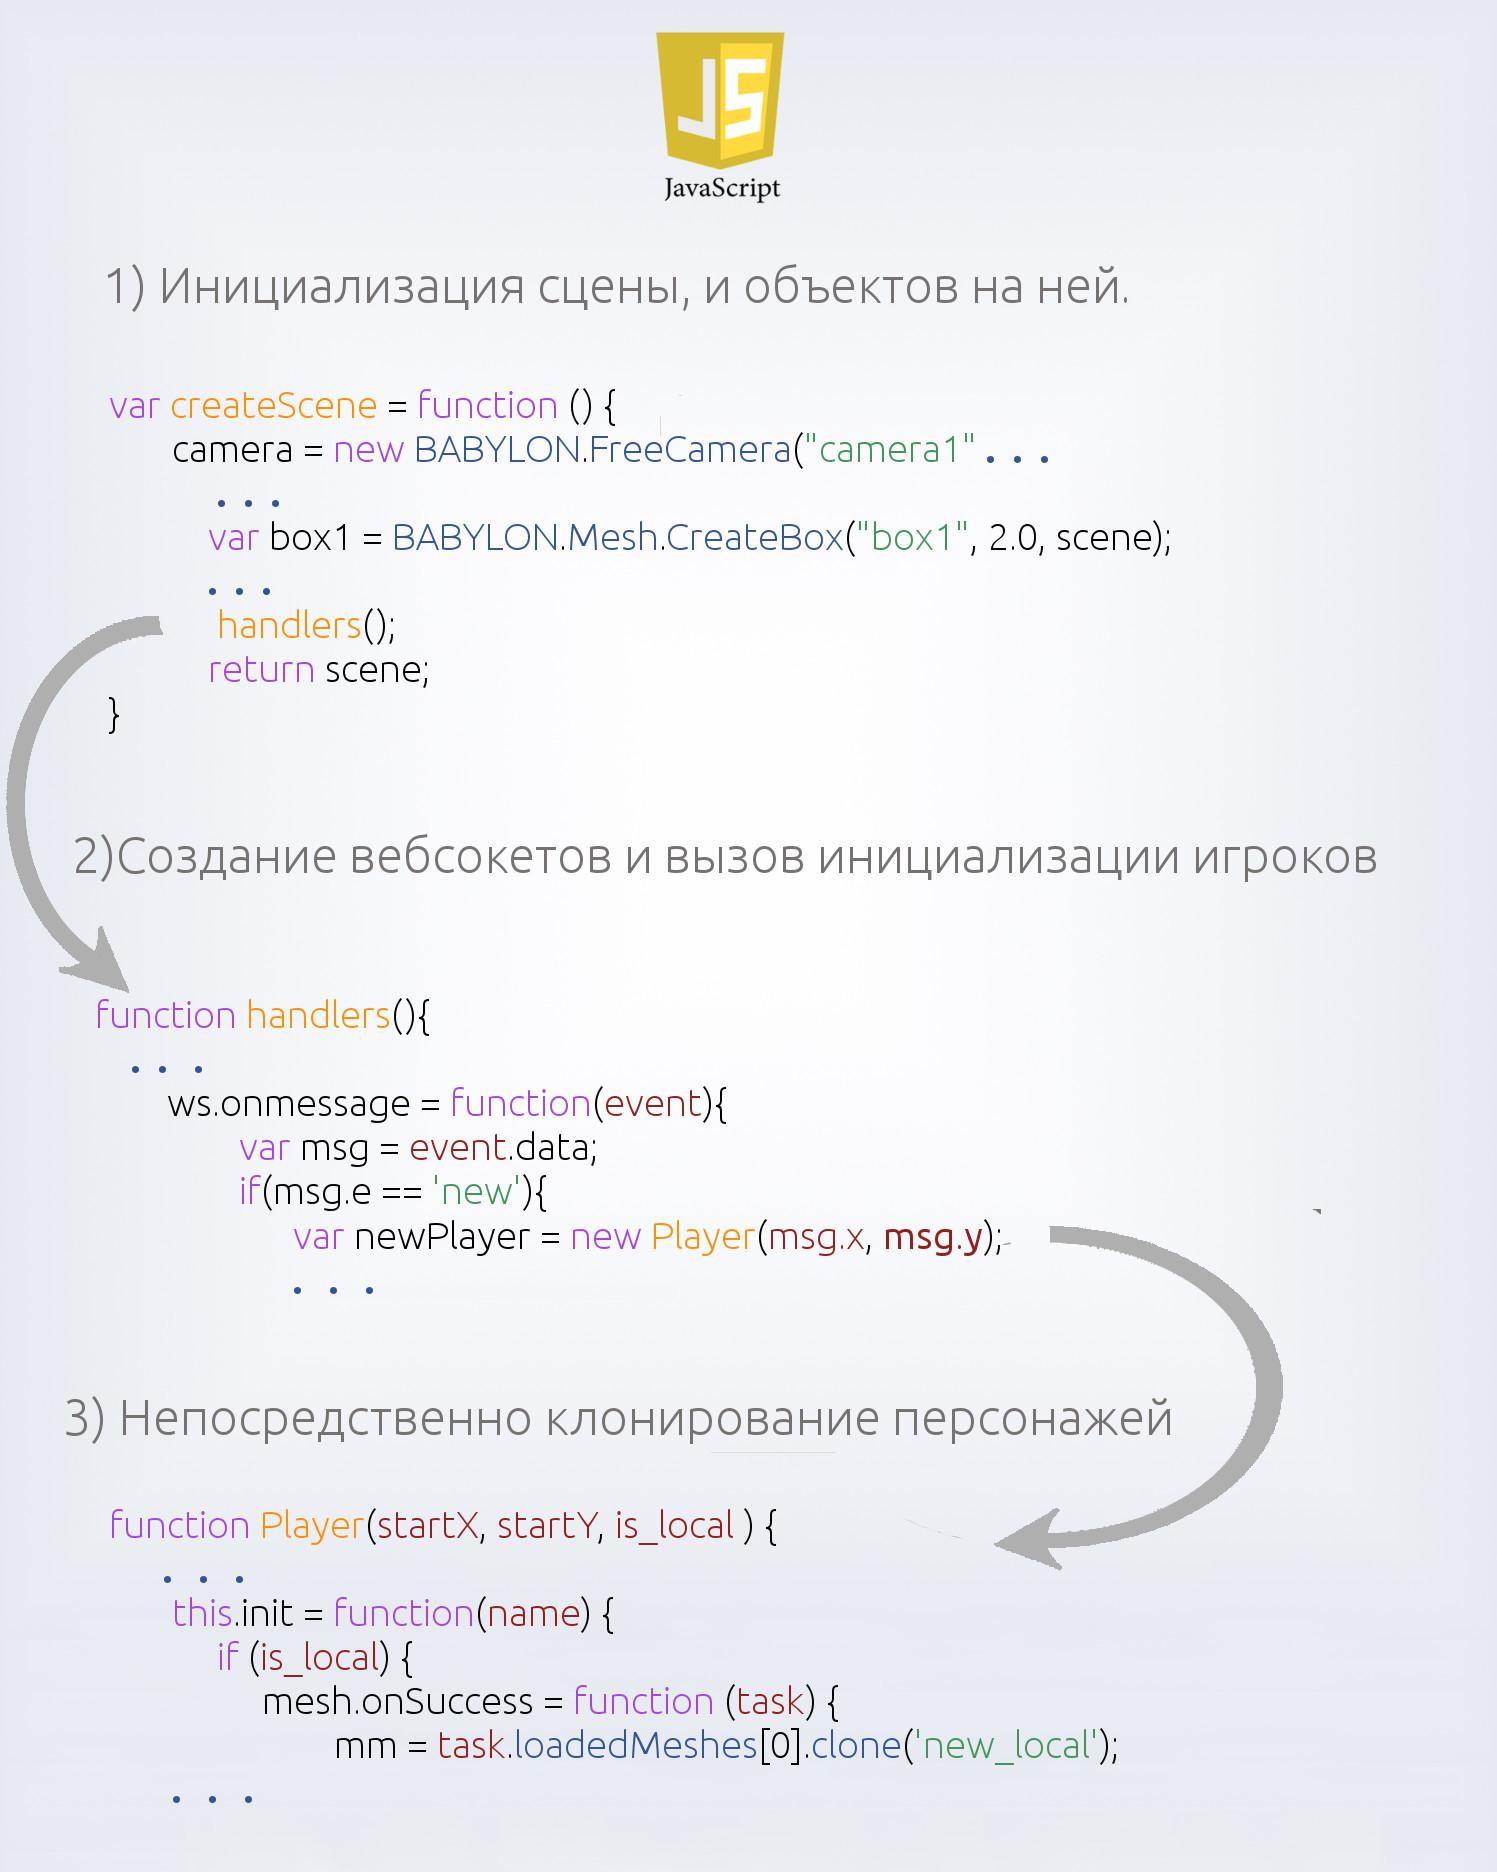 Многопользовательский онлайн-шутер на WebGL и asyncio, часть вторая - 5